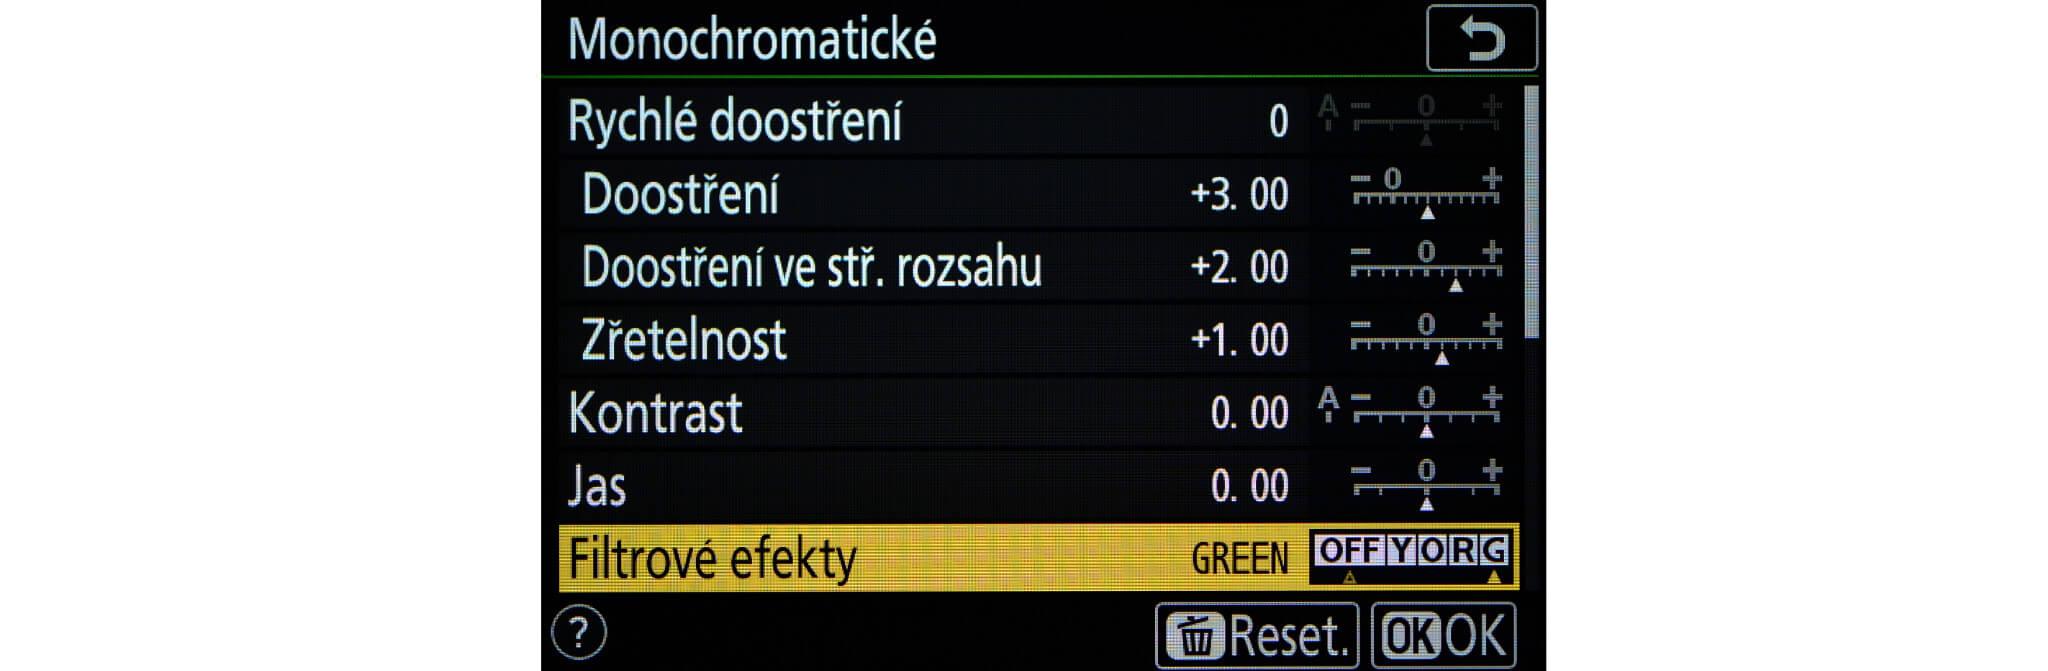 Virtuální barevné filtry v menu Monochromatické